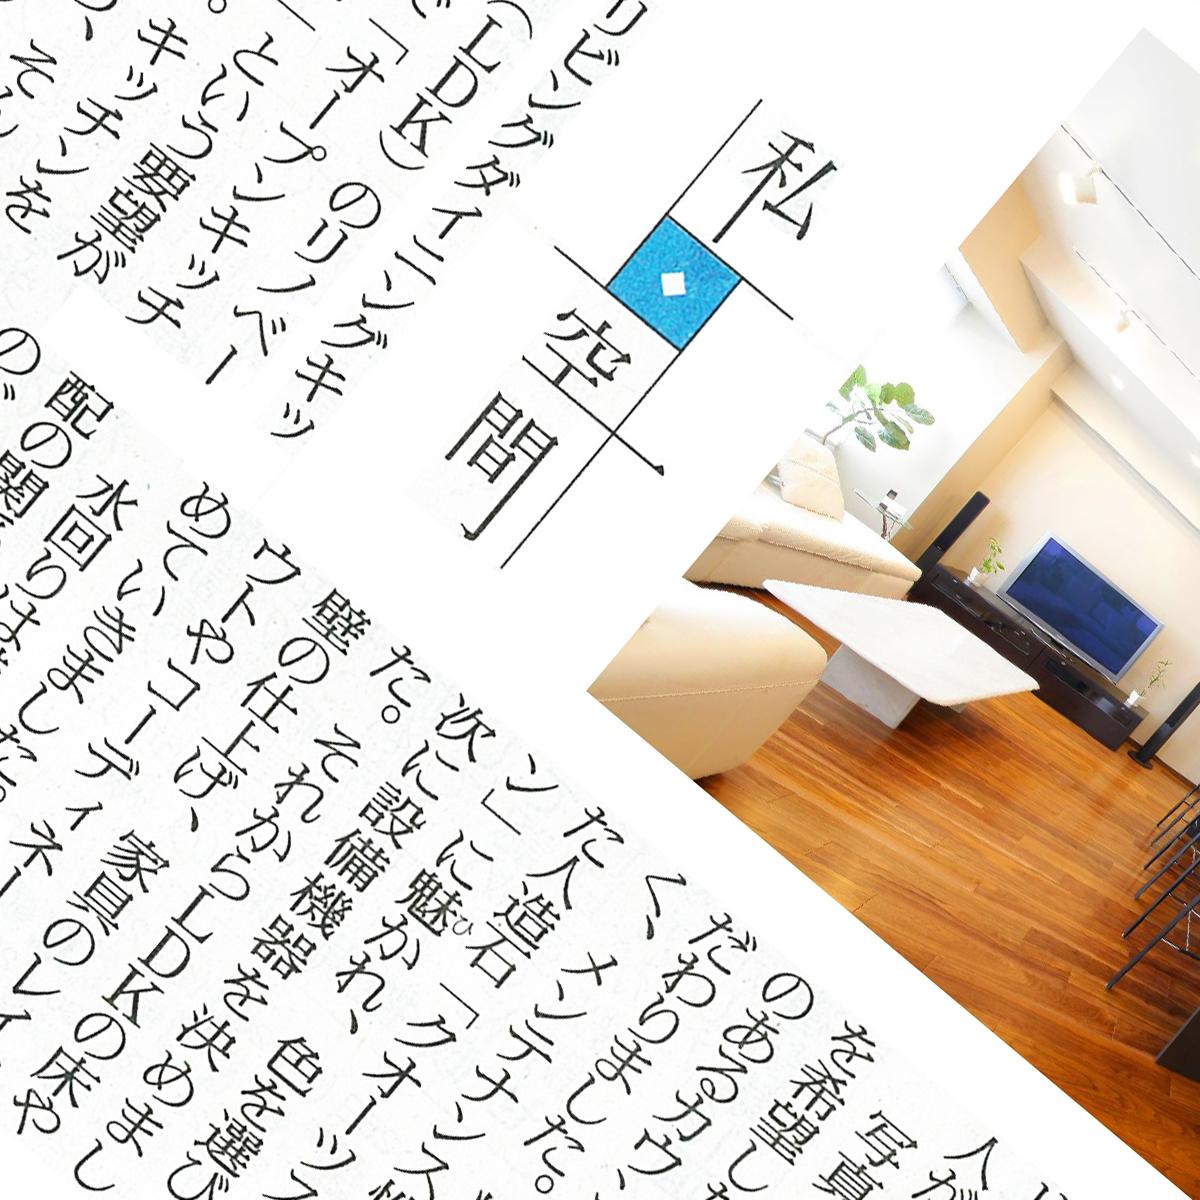 読売新聞夕刊(2019年7月24日号)「私・空間」コラム